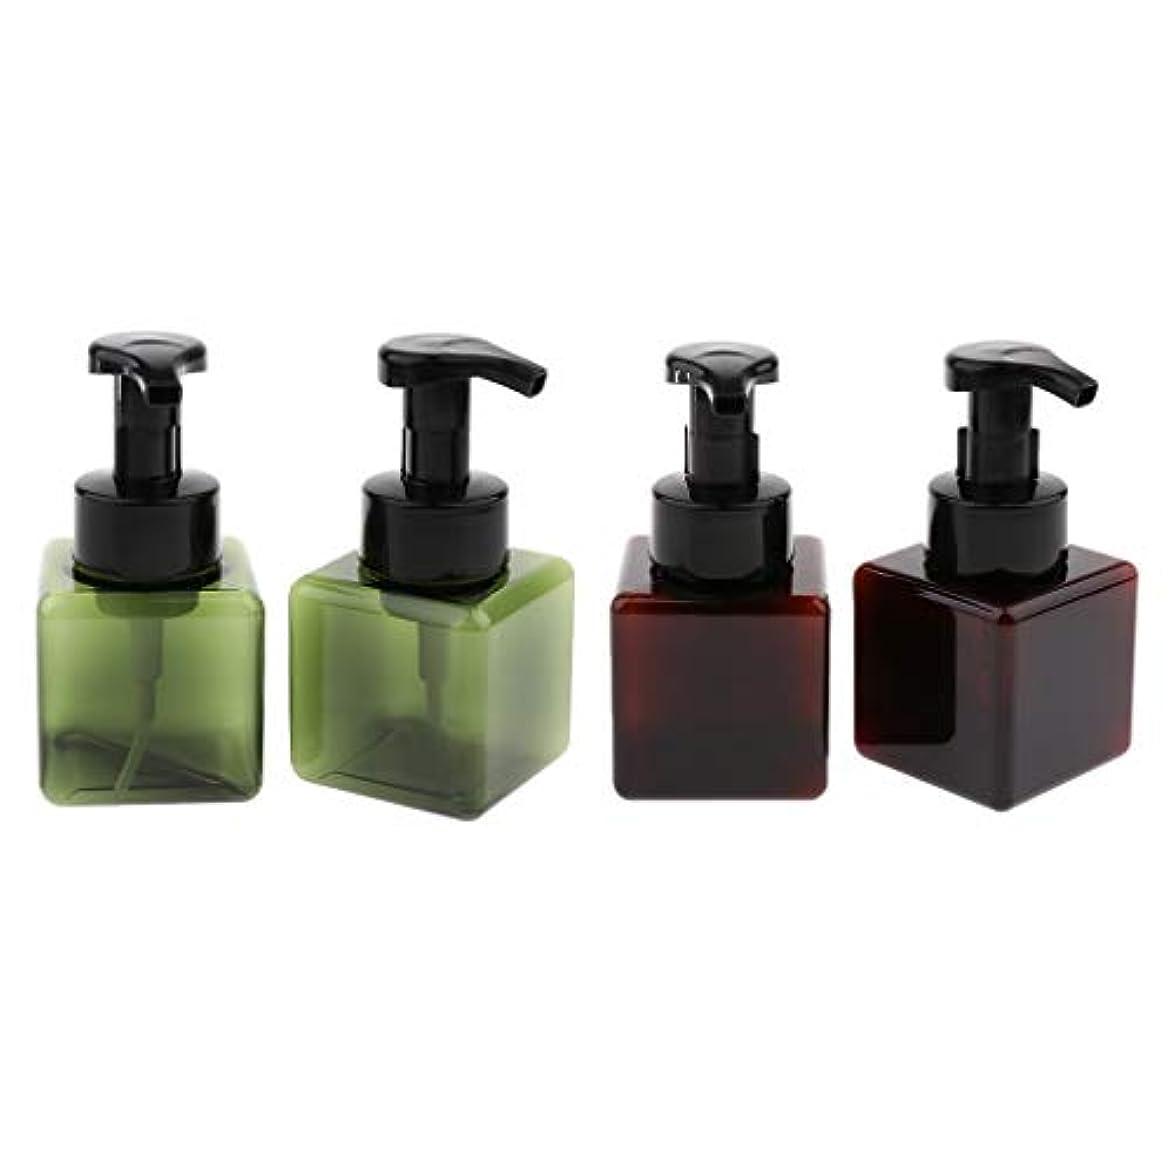 おんどり感嘆差Hellery 4個入り詰め替え容器 泡ポンプボトル 小分けボトル ディスペンサー スクエア 再利用可 250ml 全5色 - ダークグリーン+ブラウン